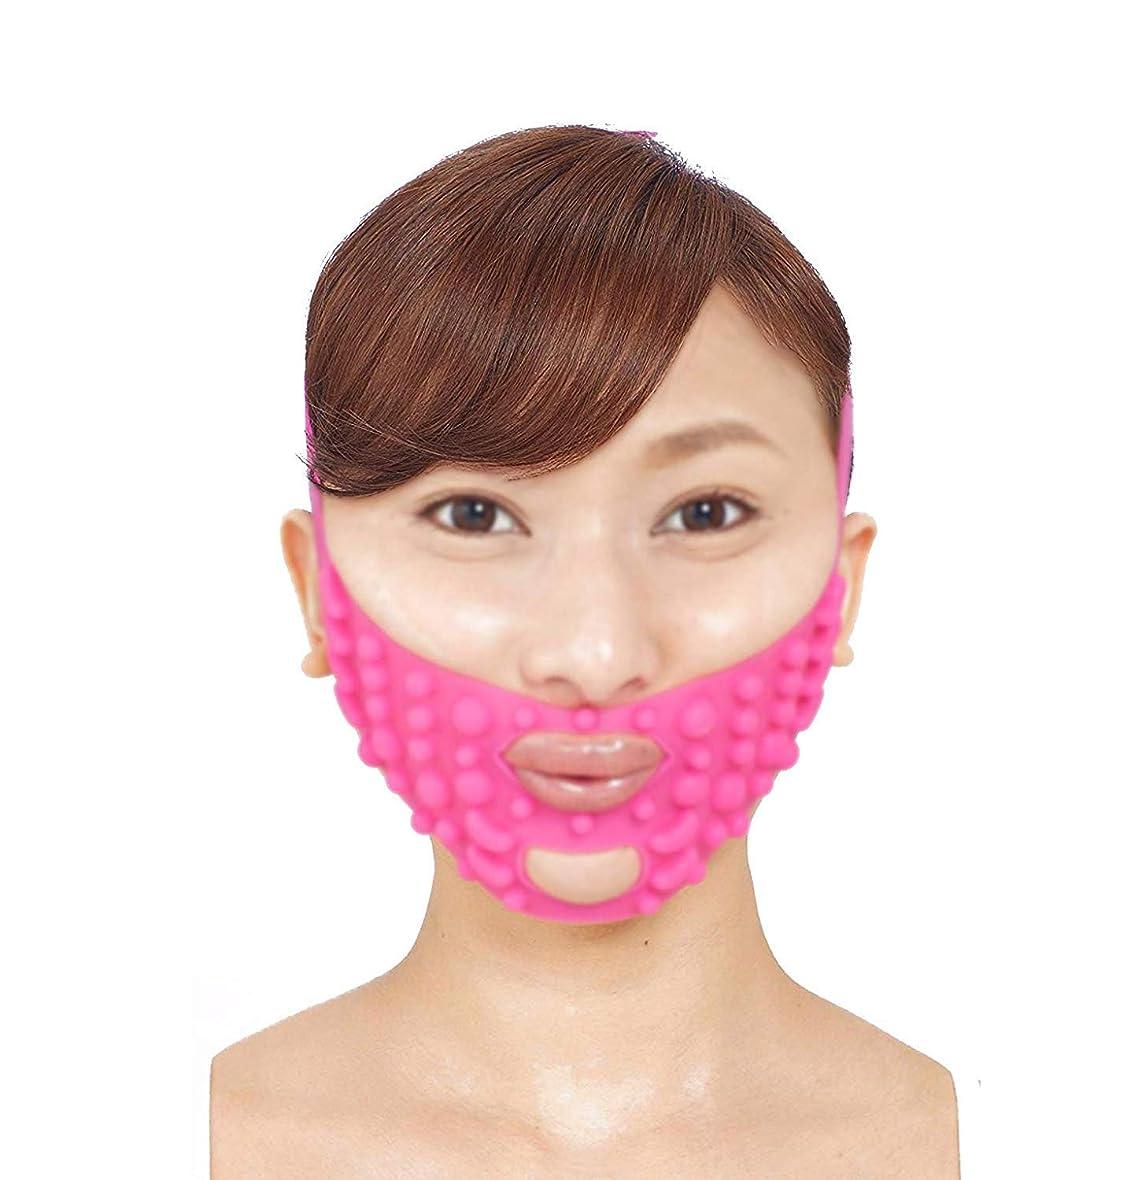 評価可能患者集中フェイシャルマスク、フェイスリフティングアーティファクトフェイスマスク垂れ顔SサイズVフェイス包帯通気性スリーピングフェイスダブルチンチンセットスリープ弾性スリミングベルト